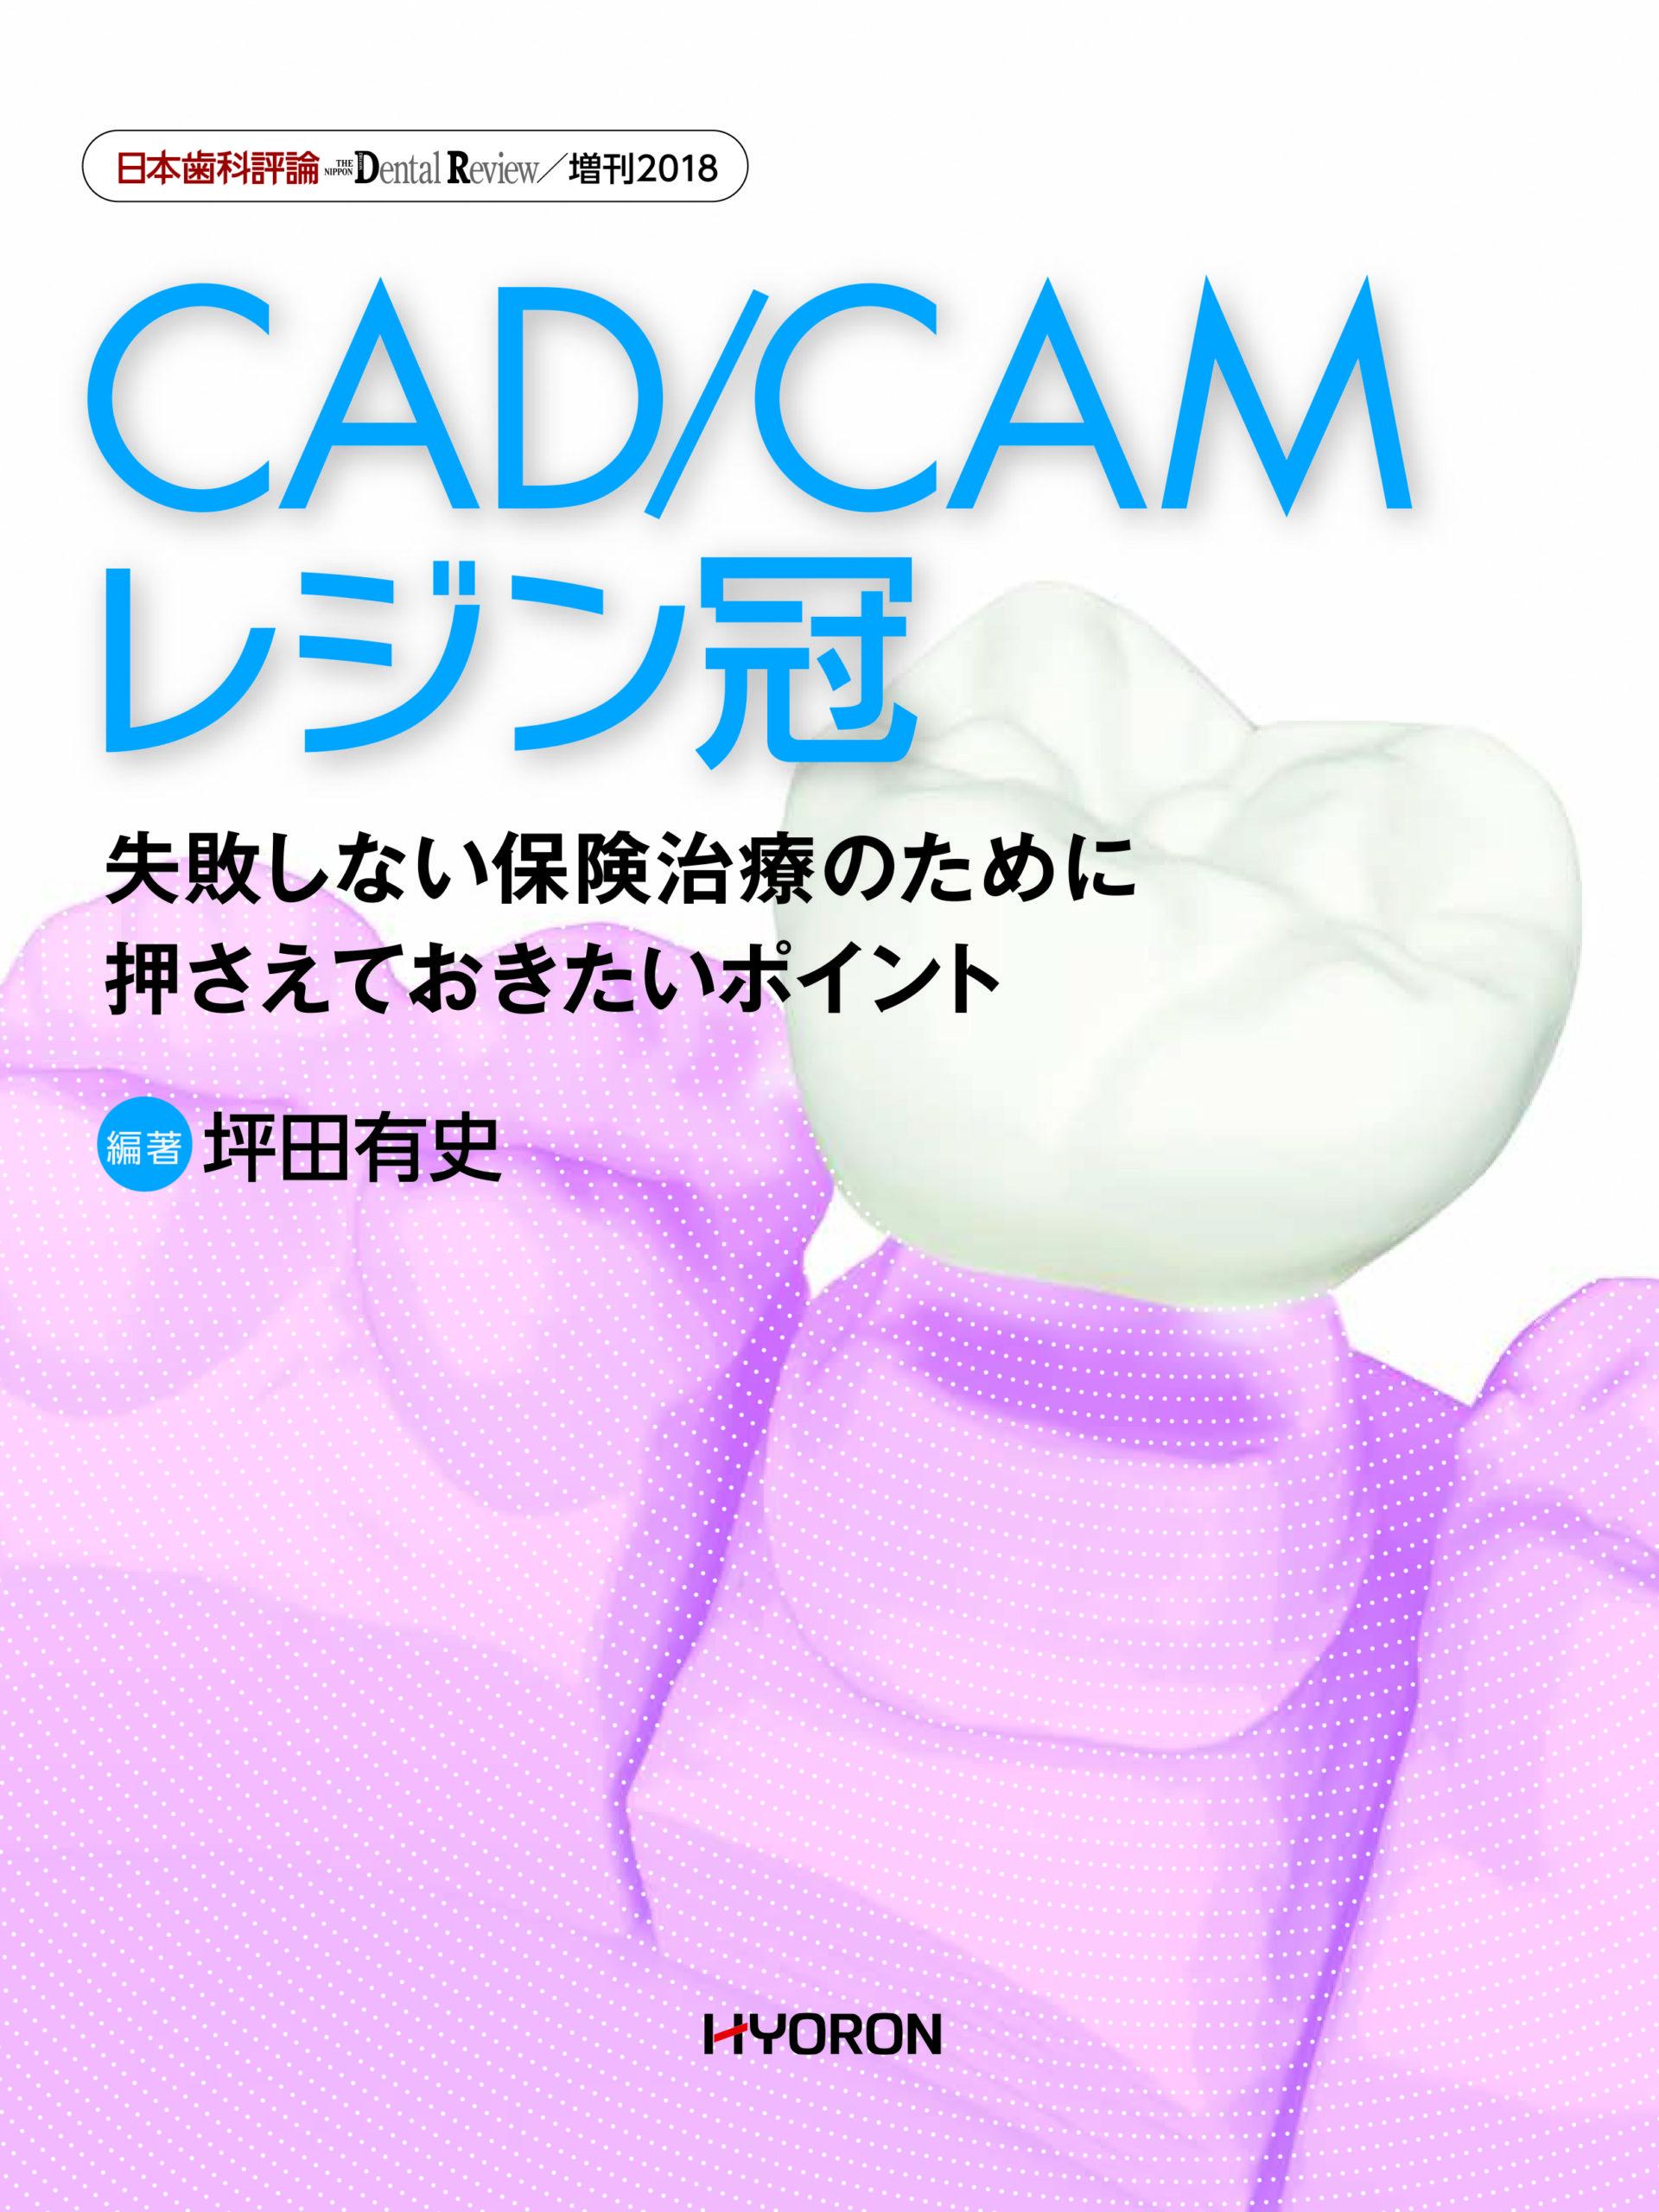 日本歯科評論 増刊2018 CAD/CAMレジン冠―失敗しない保険治療のために押さえておきたいポイント/坪田有史 編著の写真